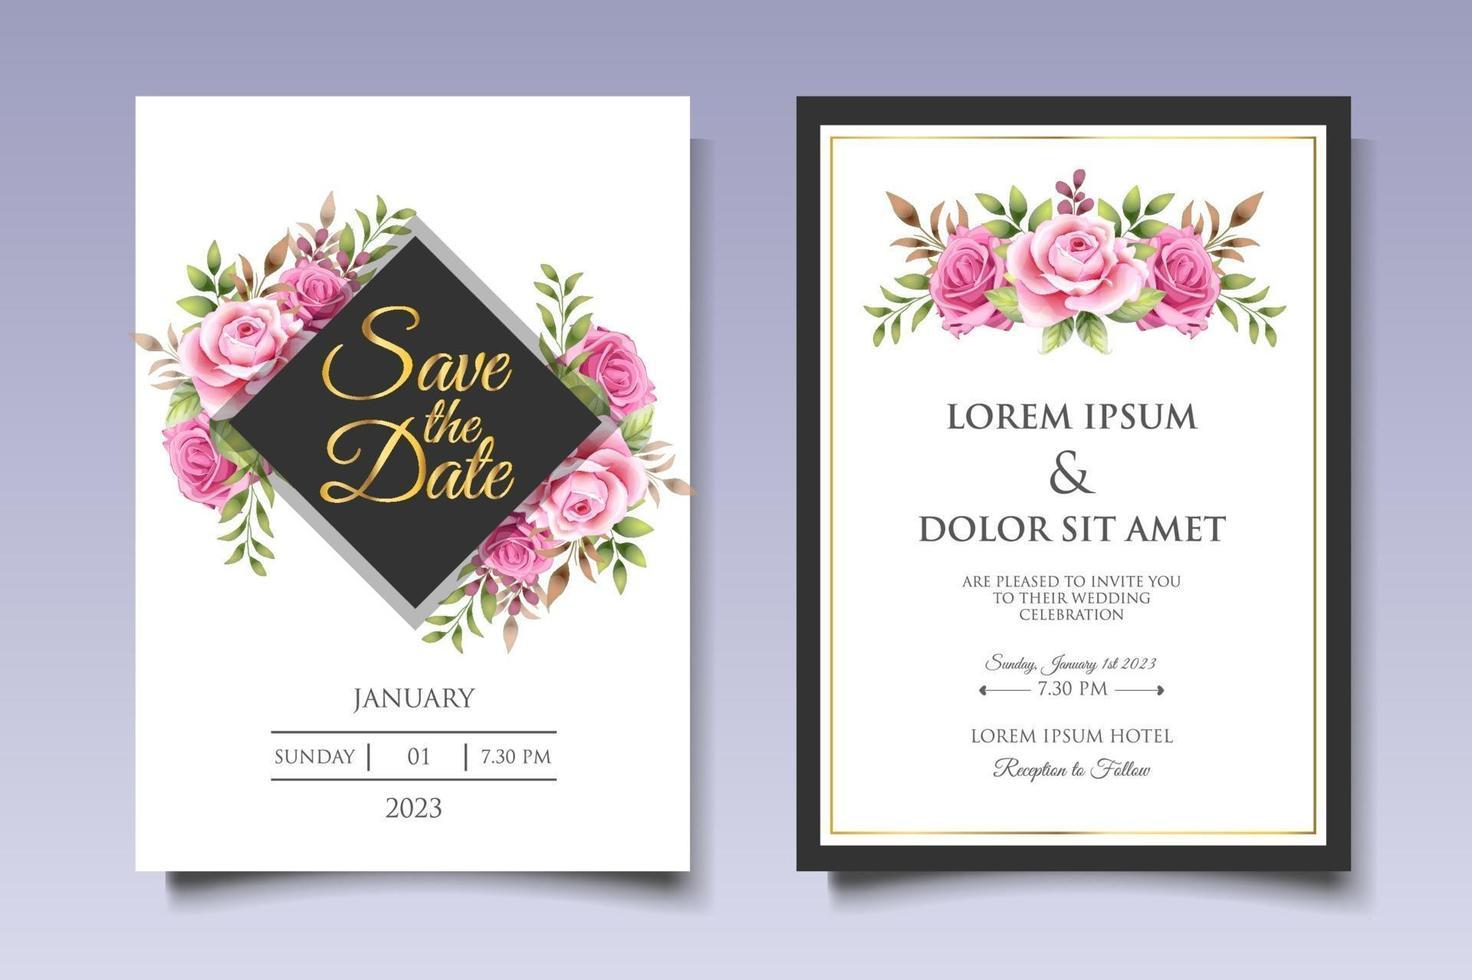 vacker hand ritning blommig bröllop inbjudan mall vektor